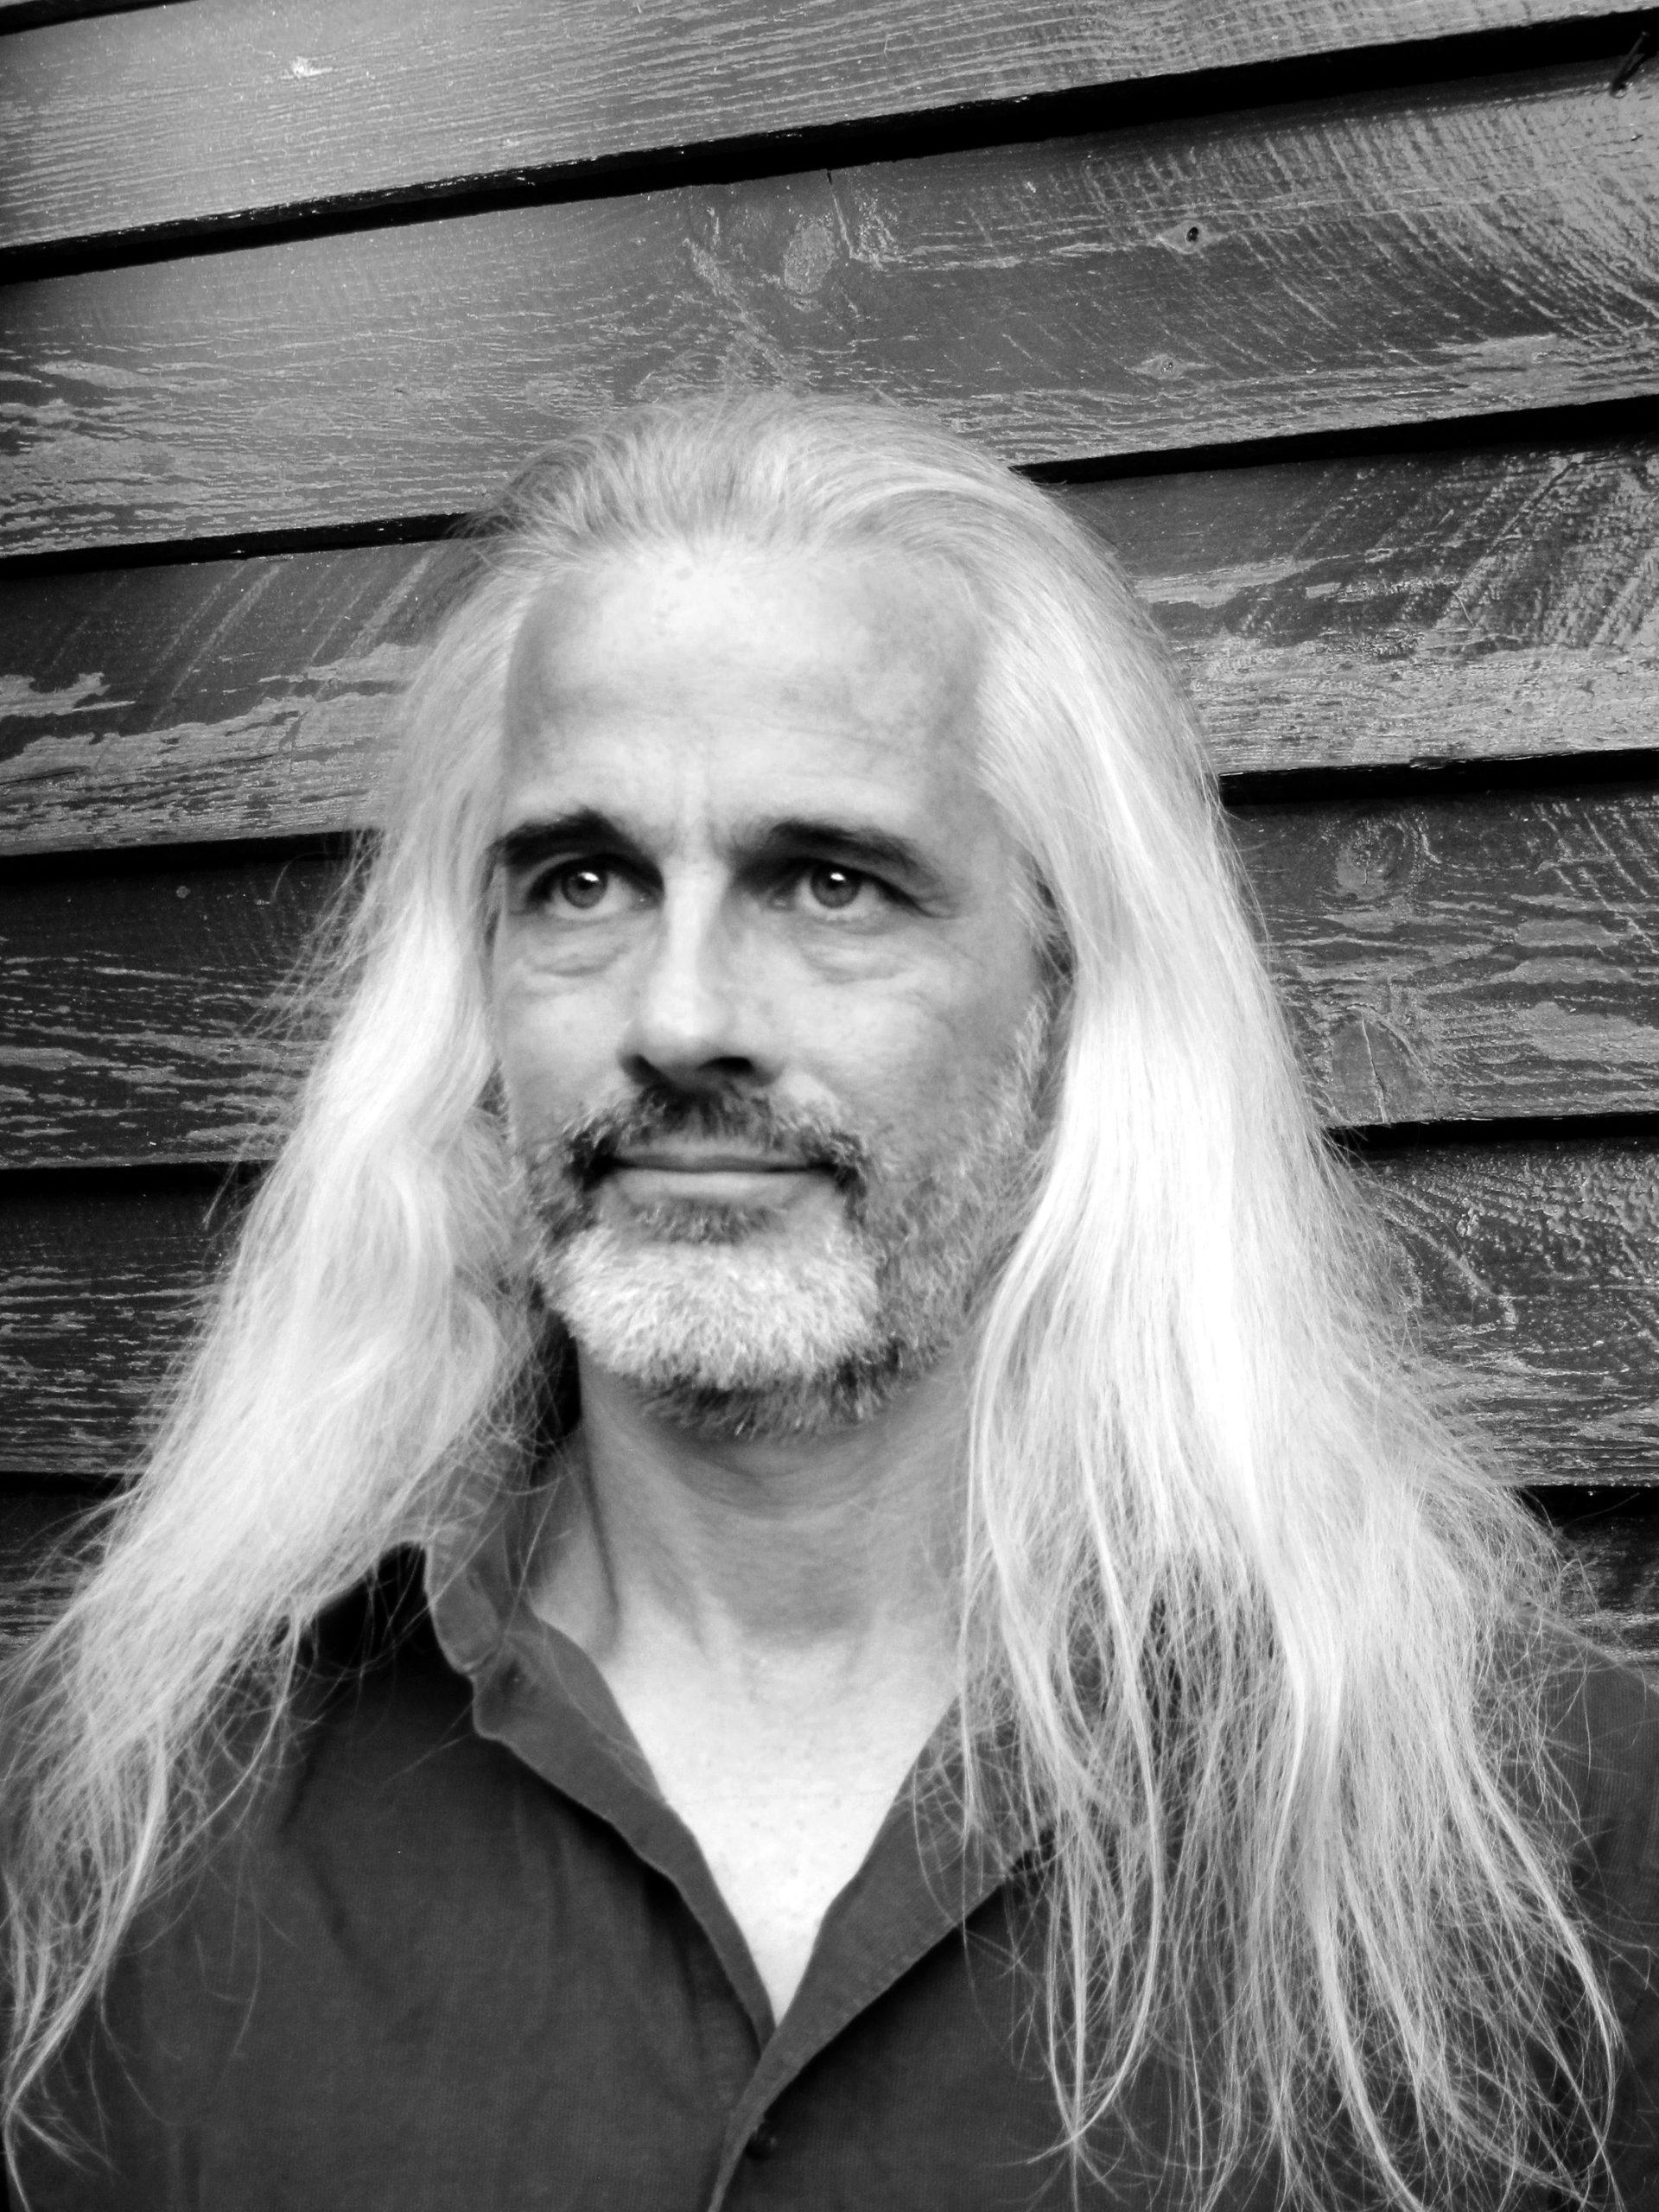 Jacques Martel portrait en noir et blanc